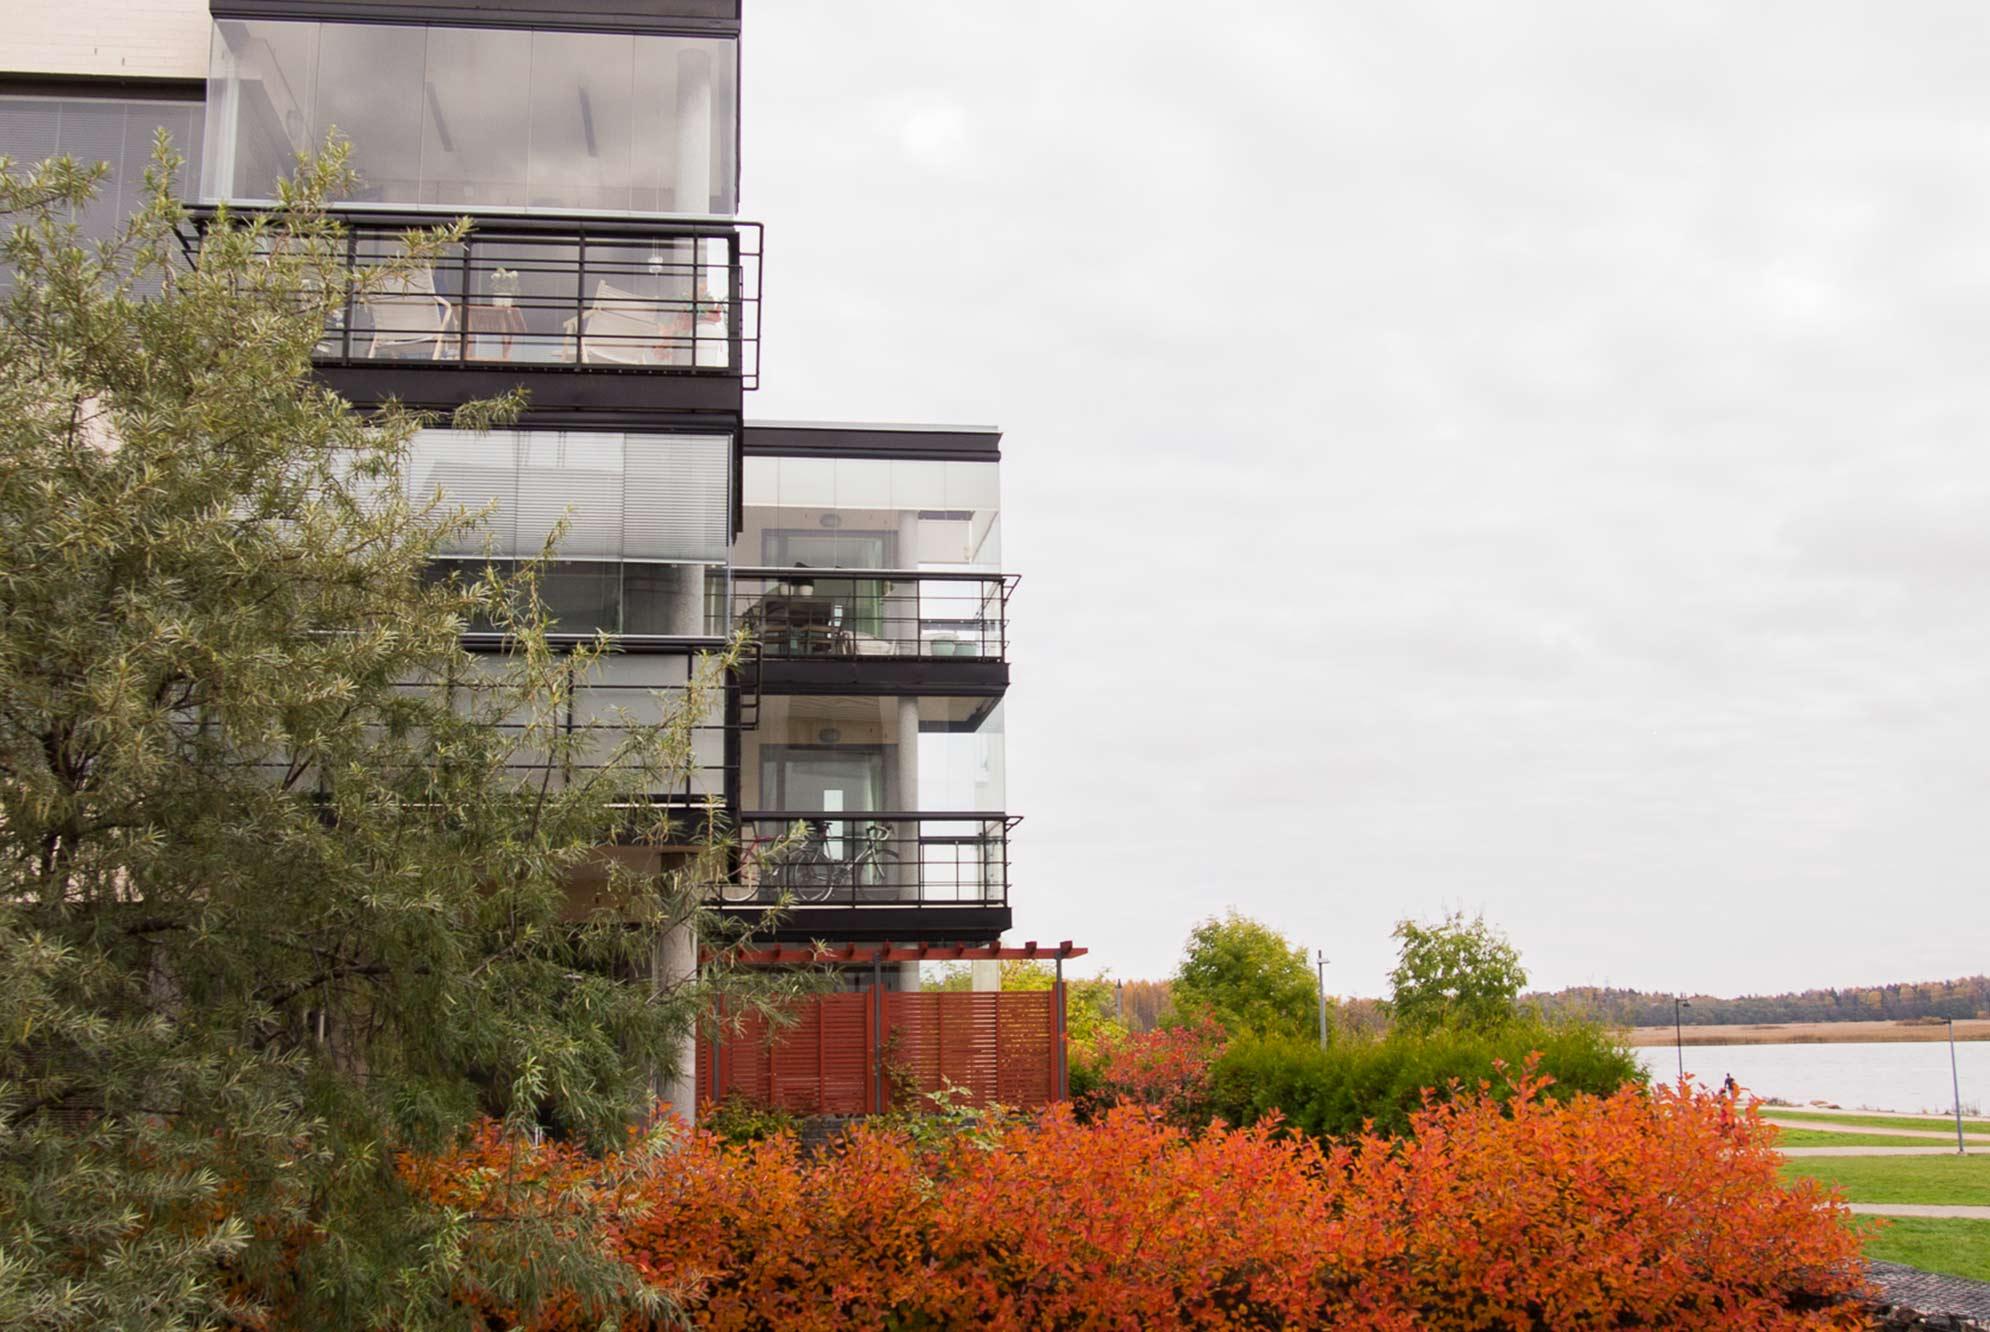 edificios-acristalados-Lumon-norte-europa-11